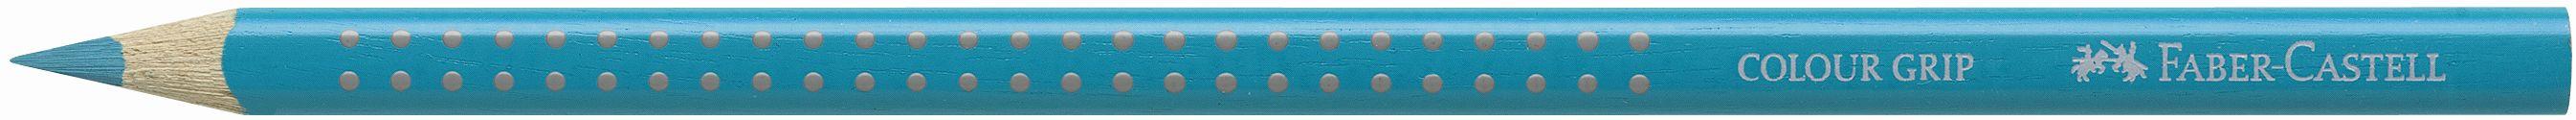 Pastelka Color Grip / 156 kobaltová zeleň Faber Castell - Akvarelové pastelky Faber Castell - Akvarelové pastelky